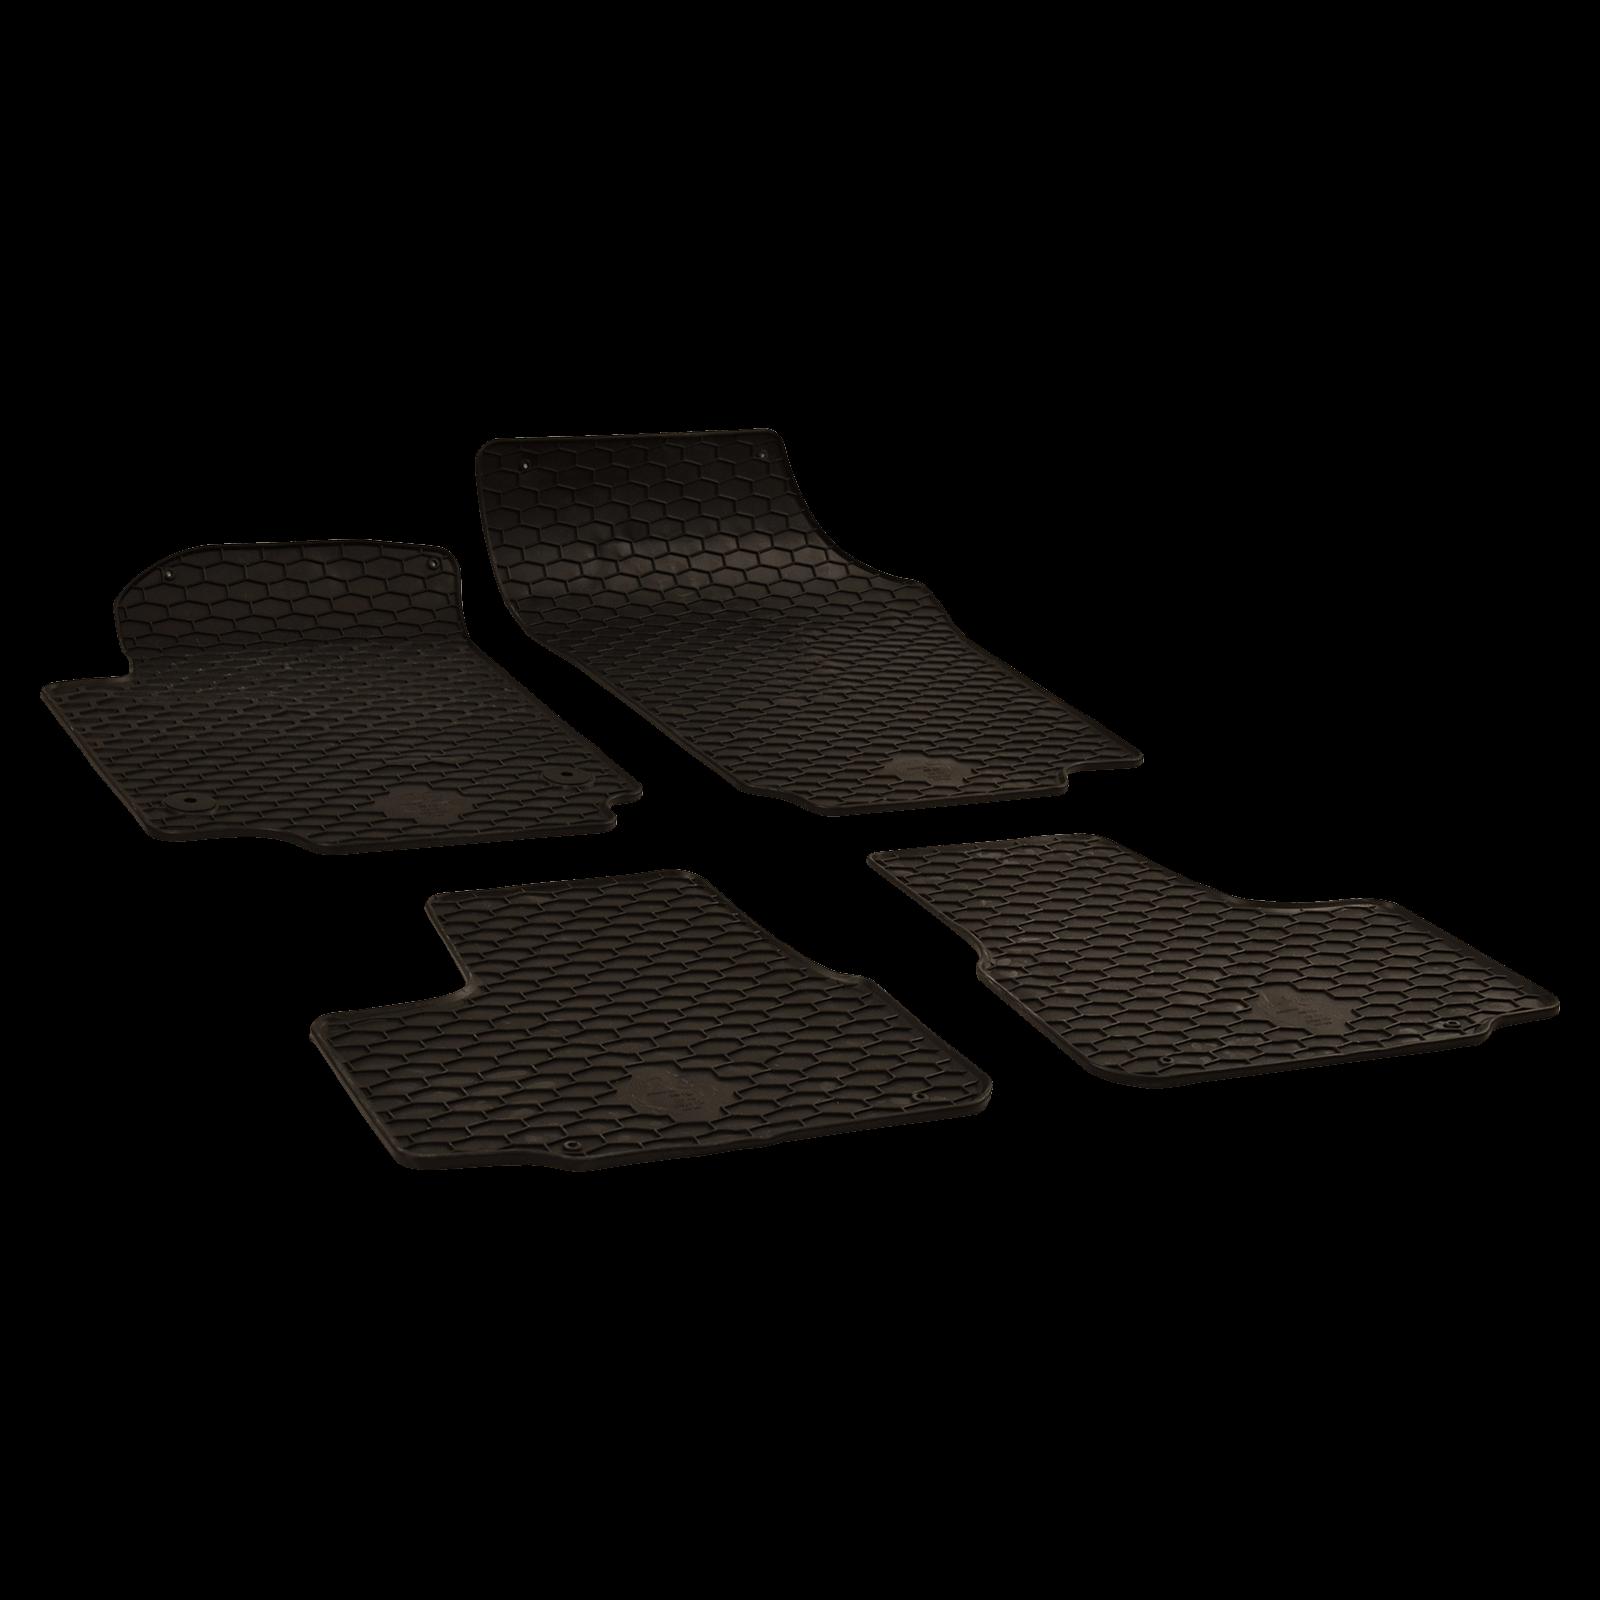 gummi fu matten schwarz f r vw up bj. Black Bedroom Furniture Sets. Home Design Ideas